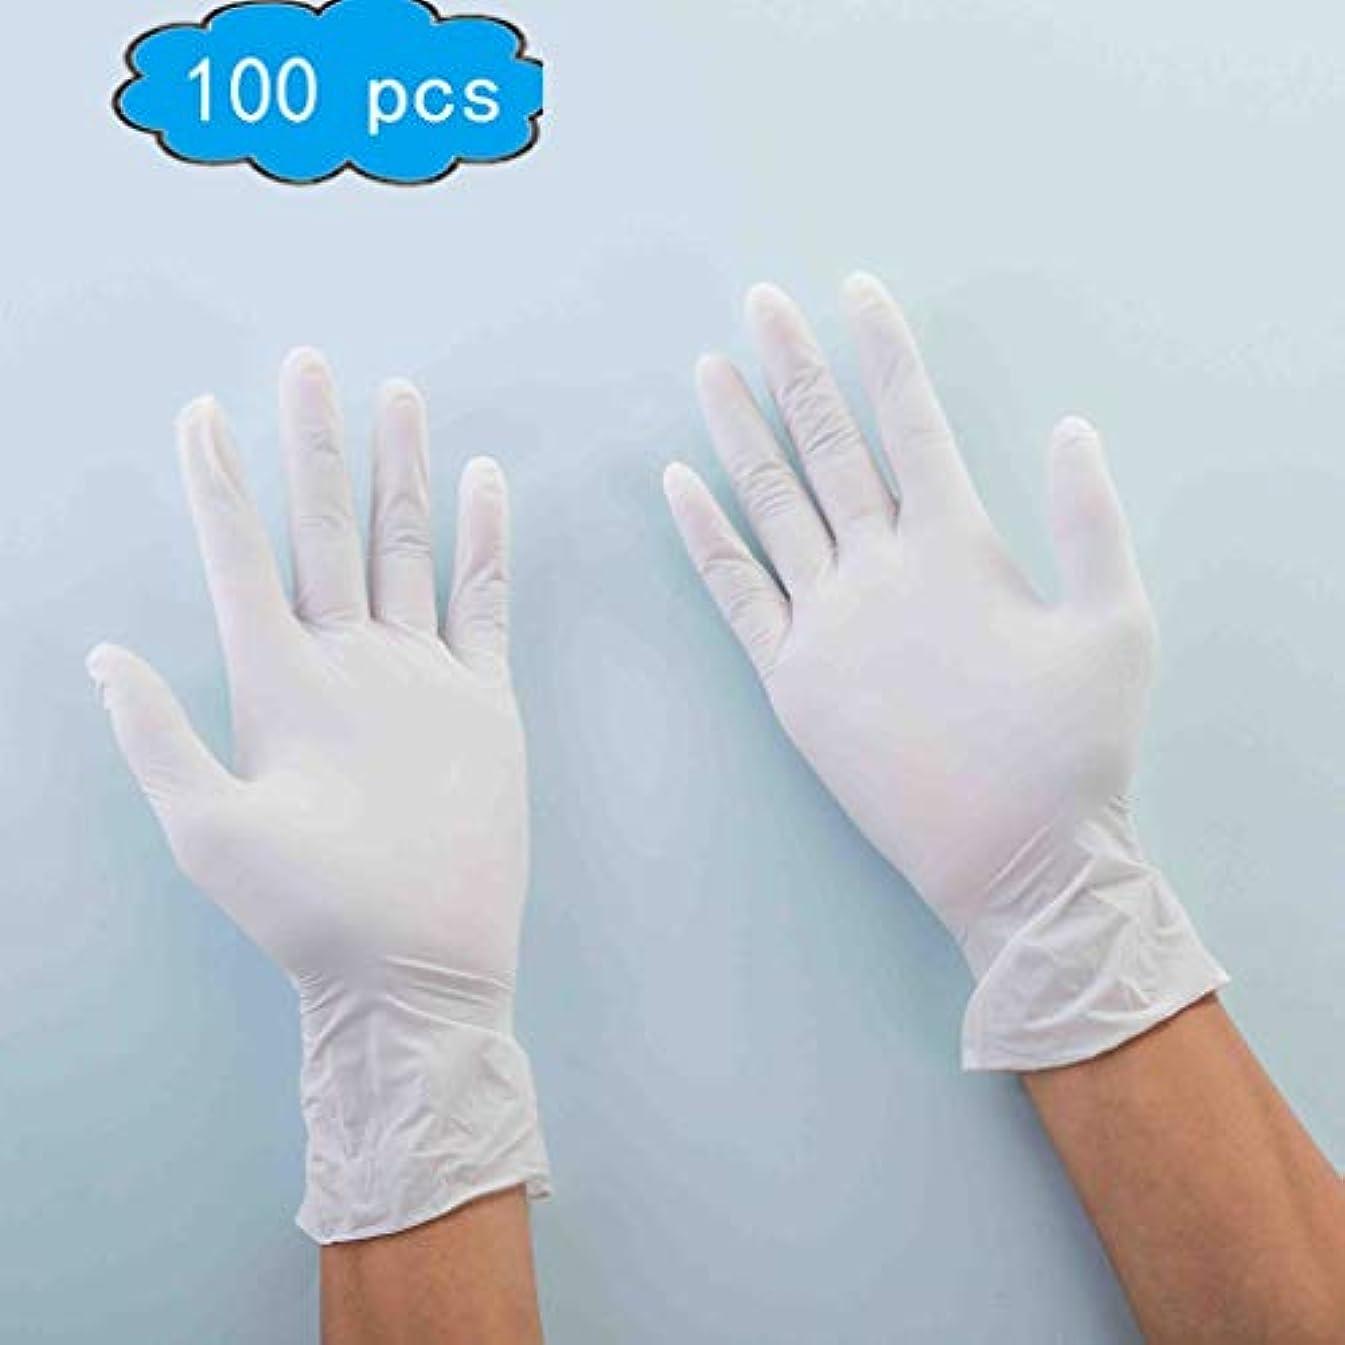 ゼロ忘れられない一月使い捨て手袋 - 白、厚めのバージョン、ニトリル手袋、パウダーフリー、試験、無菌、中、100箱、手と腕の保護 (Color : White, Size : L)